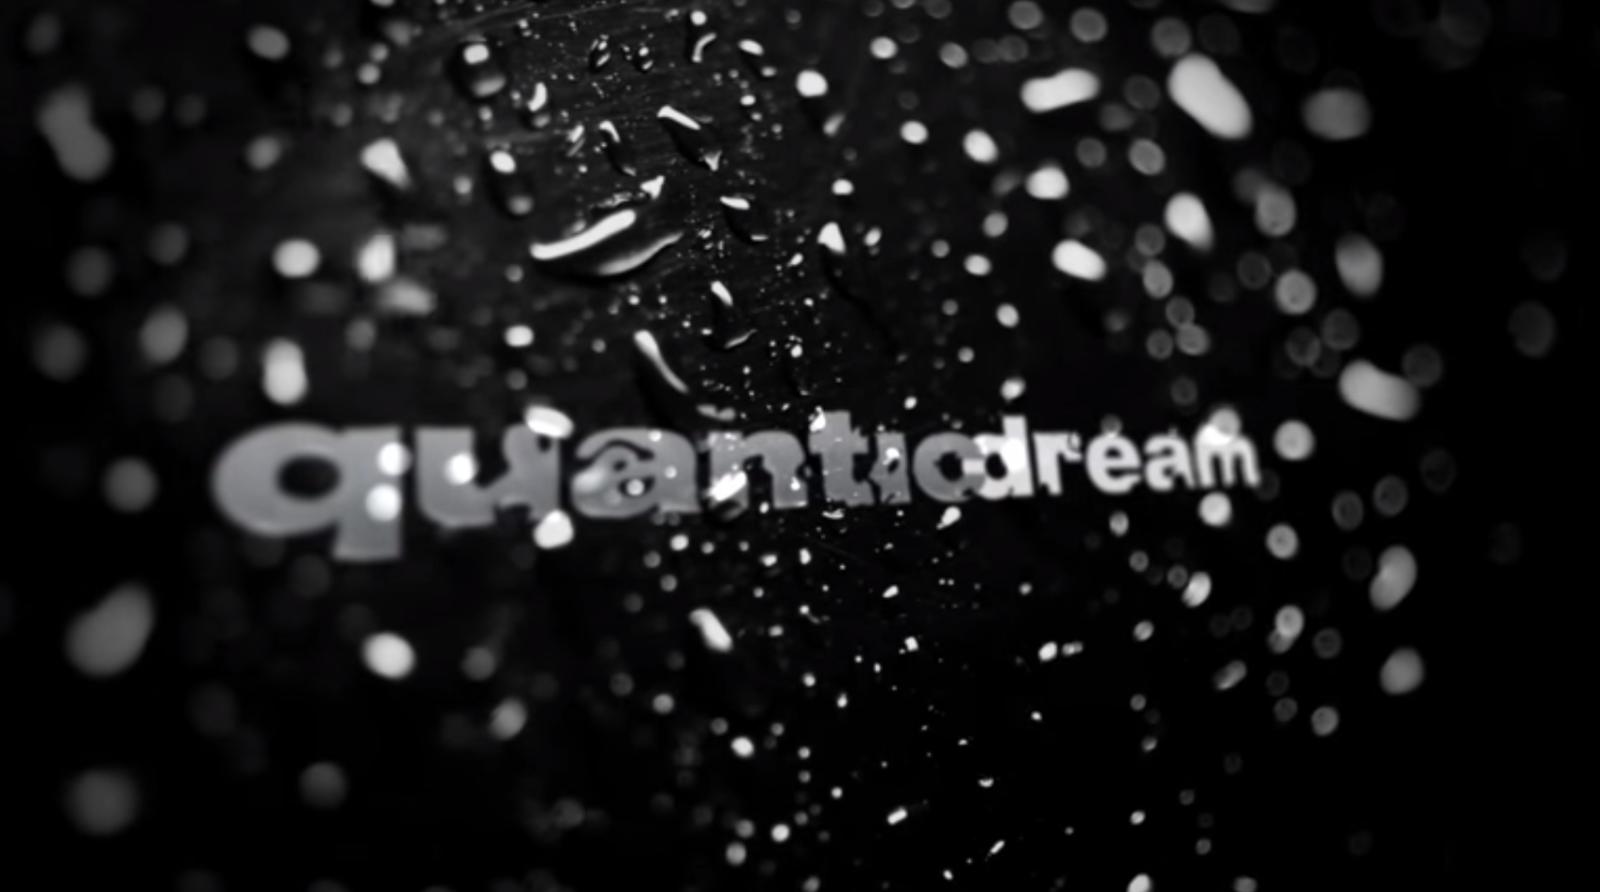 网易宣布投资《底特律:变人》开发商Quantic Dream工作室